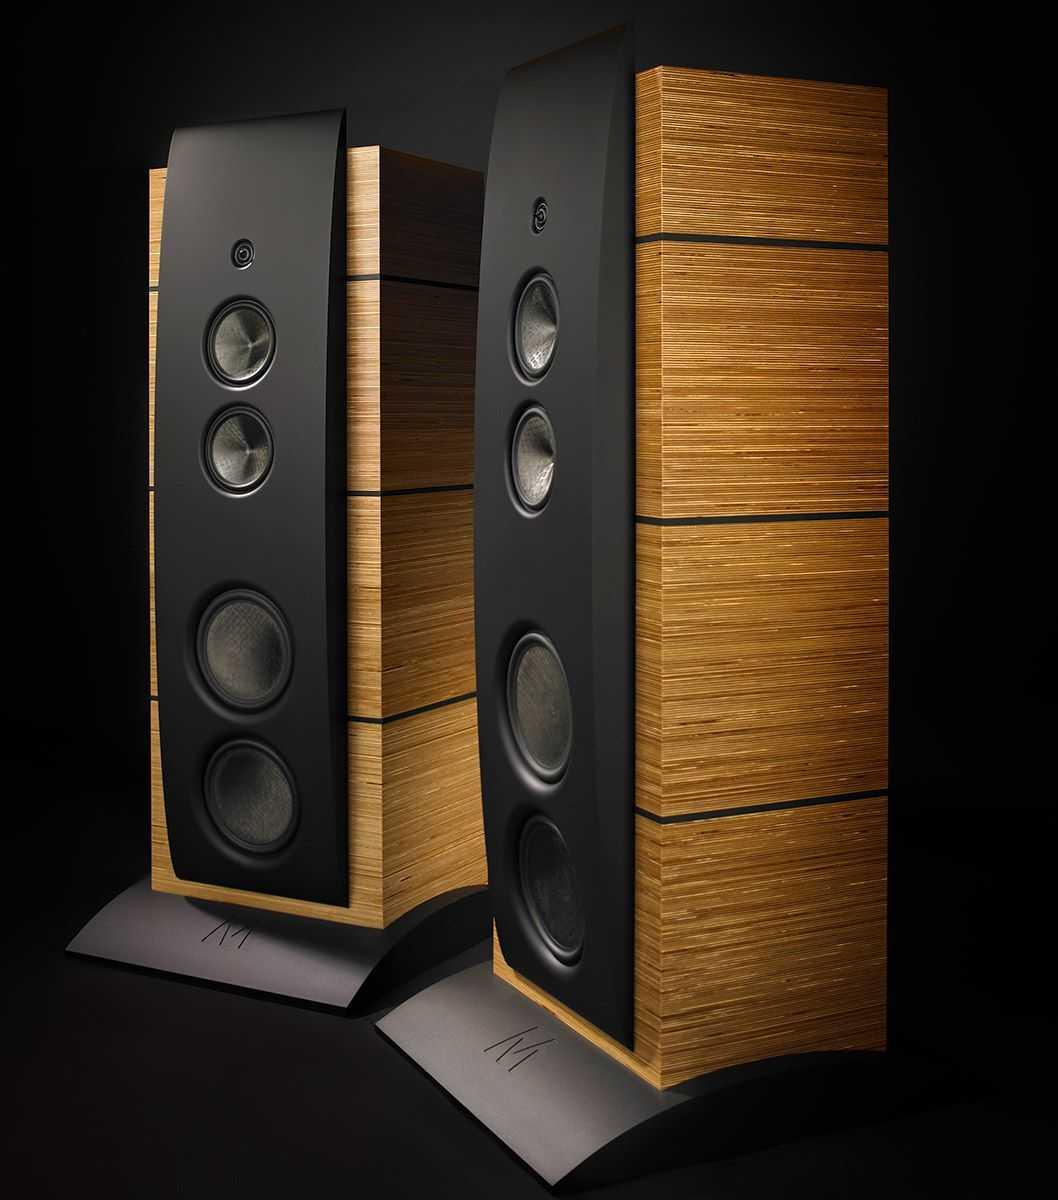 Лучшая полочная акустика для дома, обзор моделей для хорошего выбора